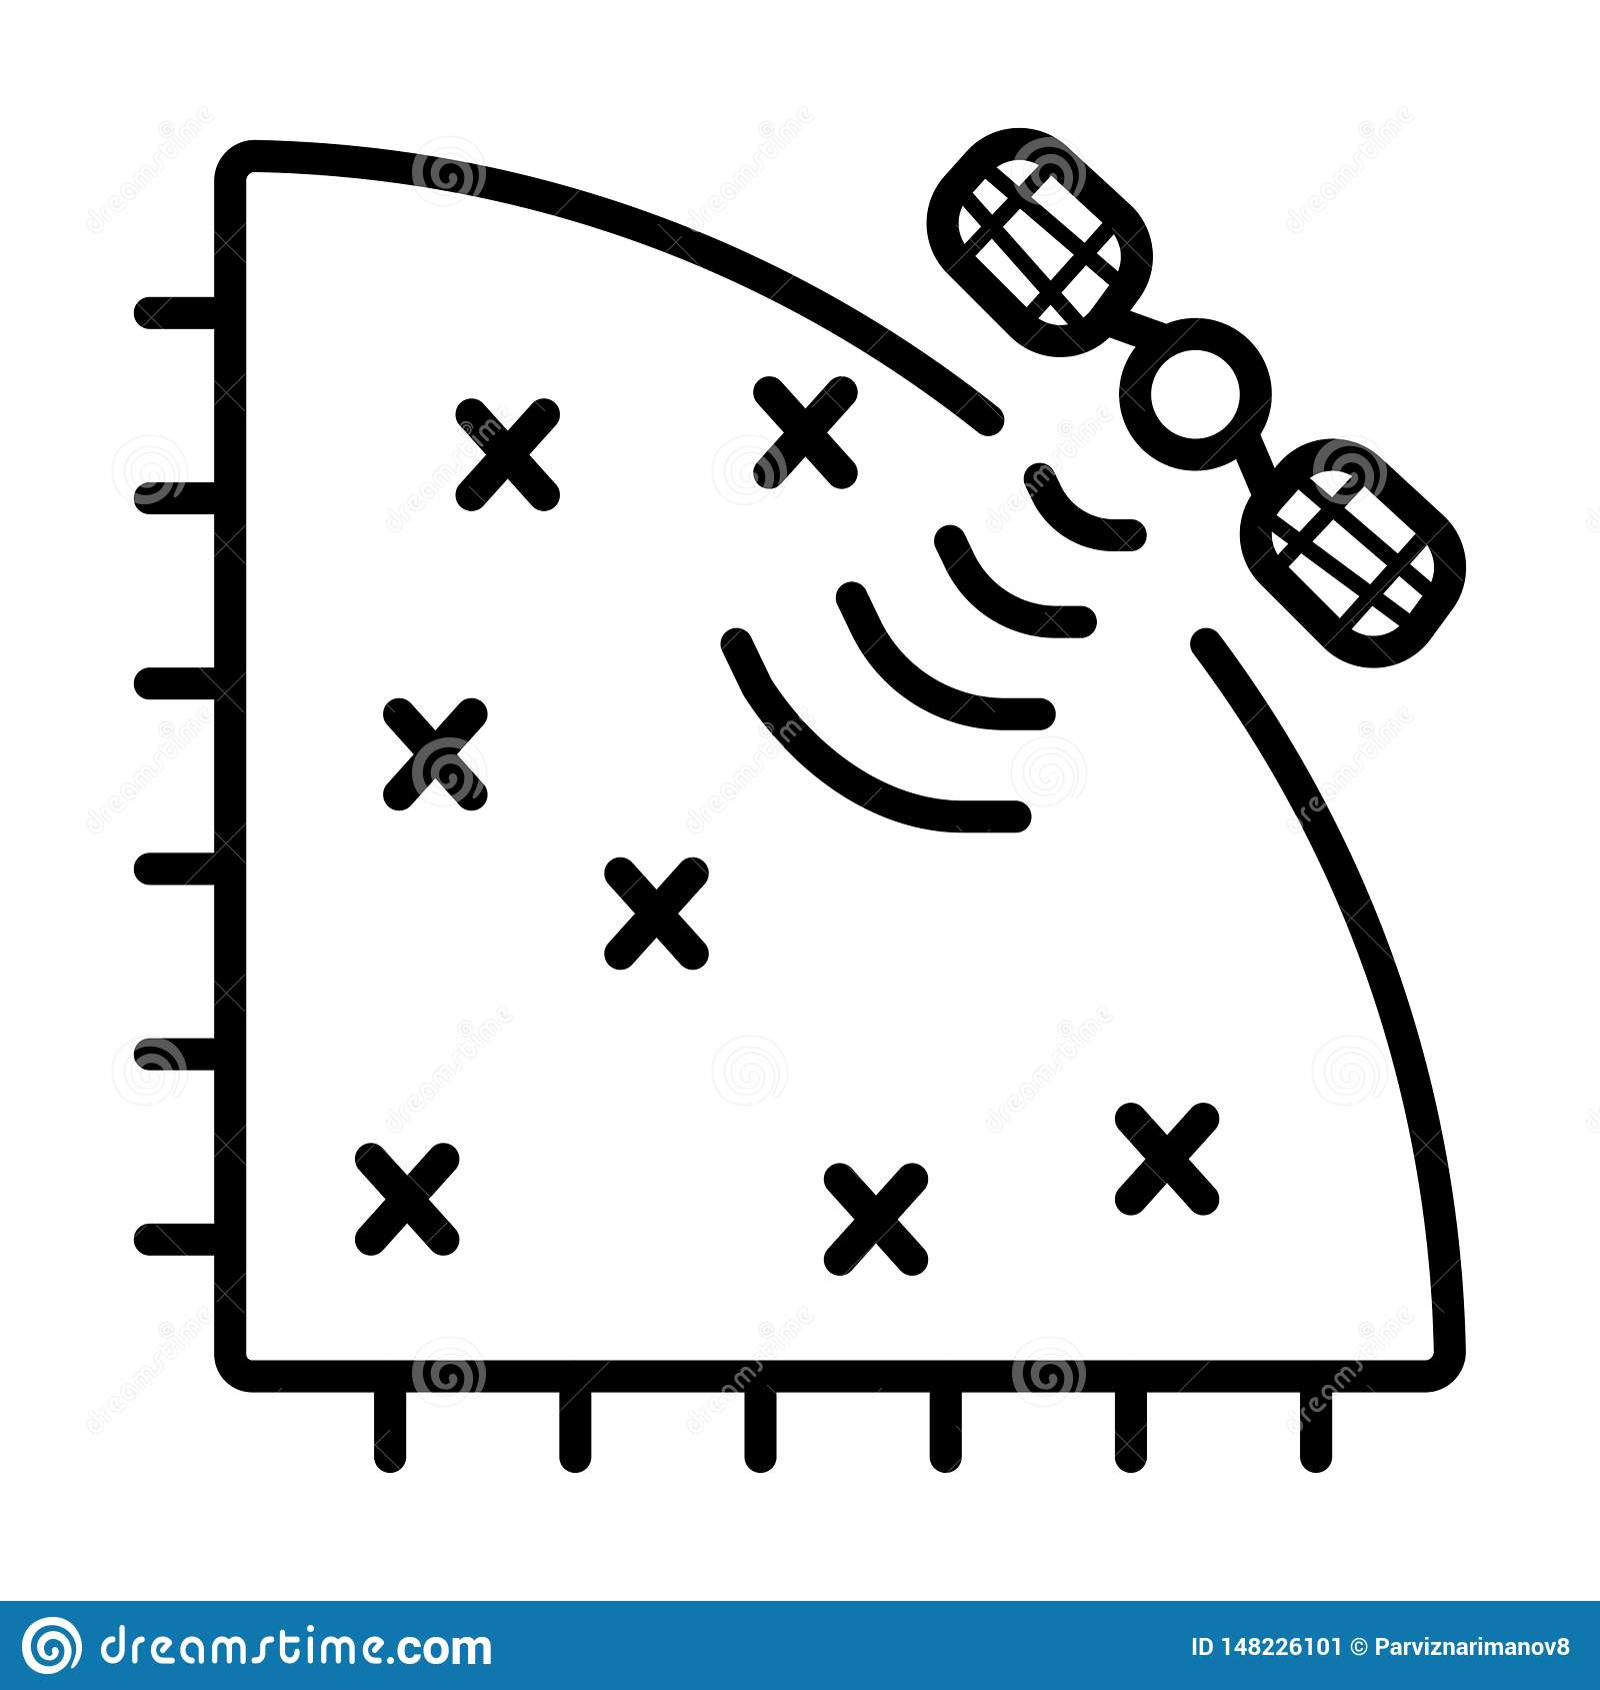 Satelite icon vector